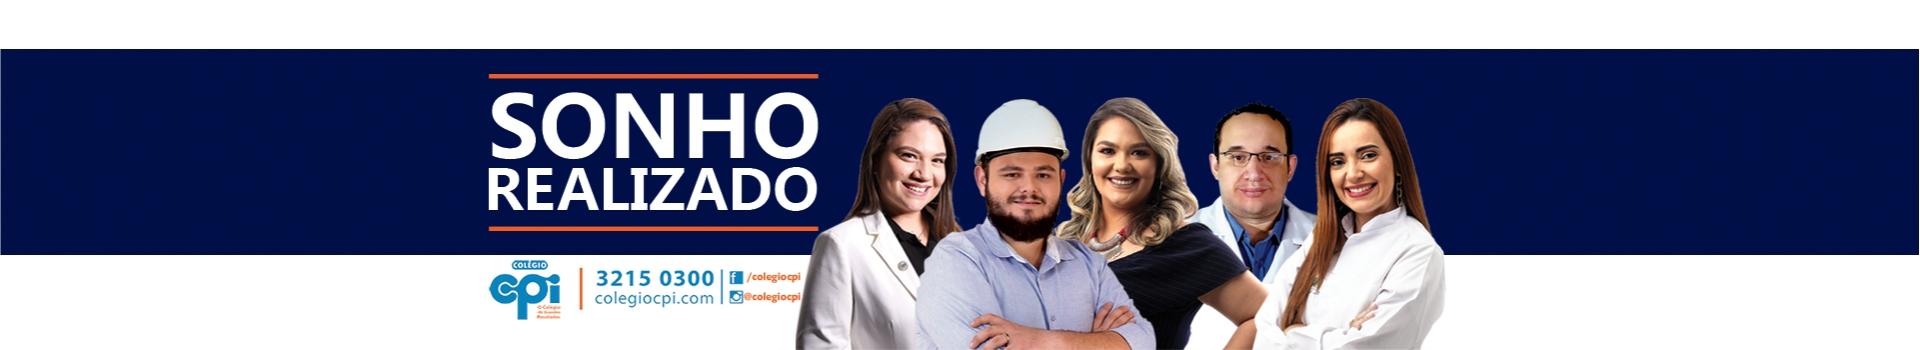 Campanha-CPI-2019-Profissionais-1920X350-1